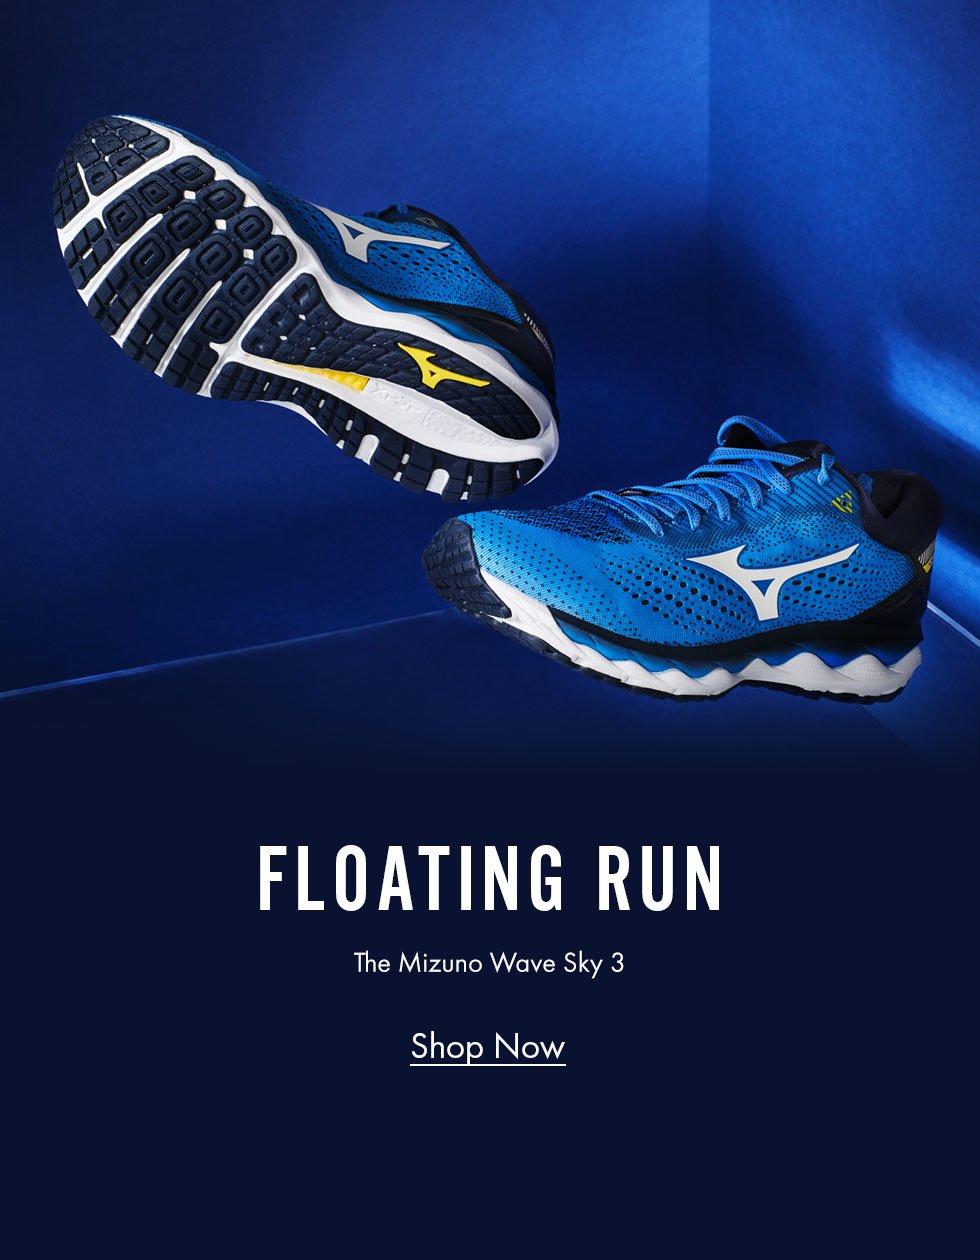 Sweatshop - We Know Running